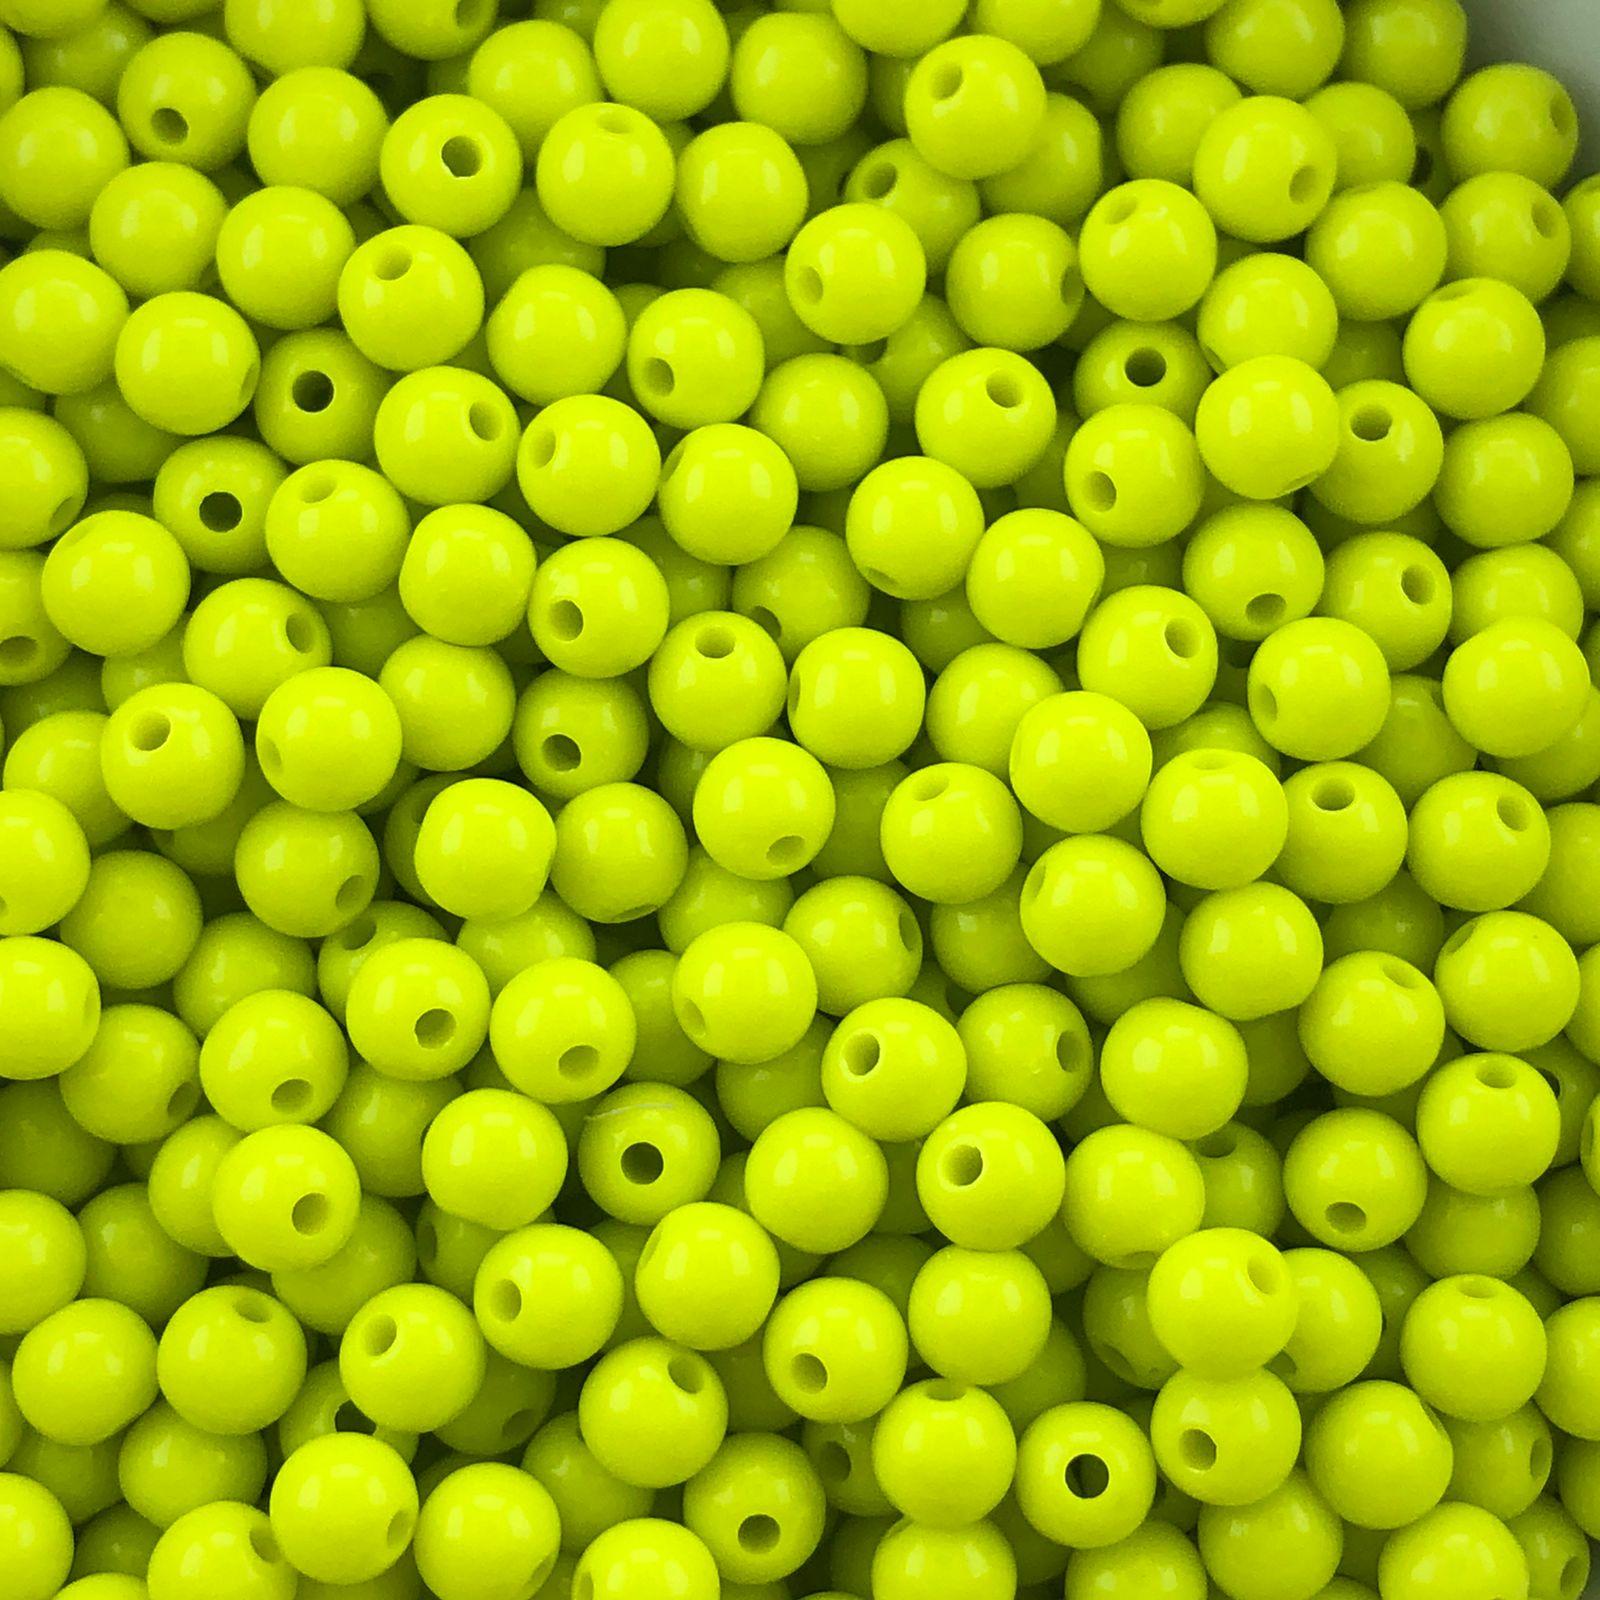 BOL674 - Bola Resina Amarelo Canário 6mm - 20Grs